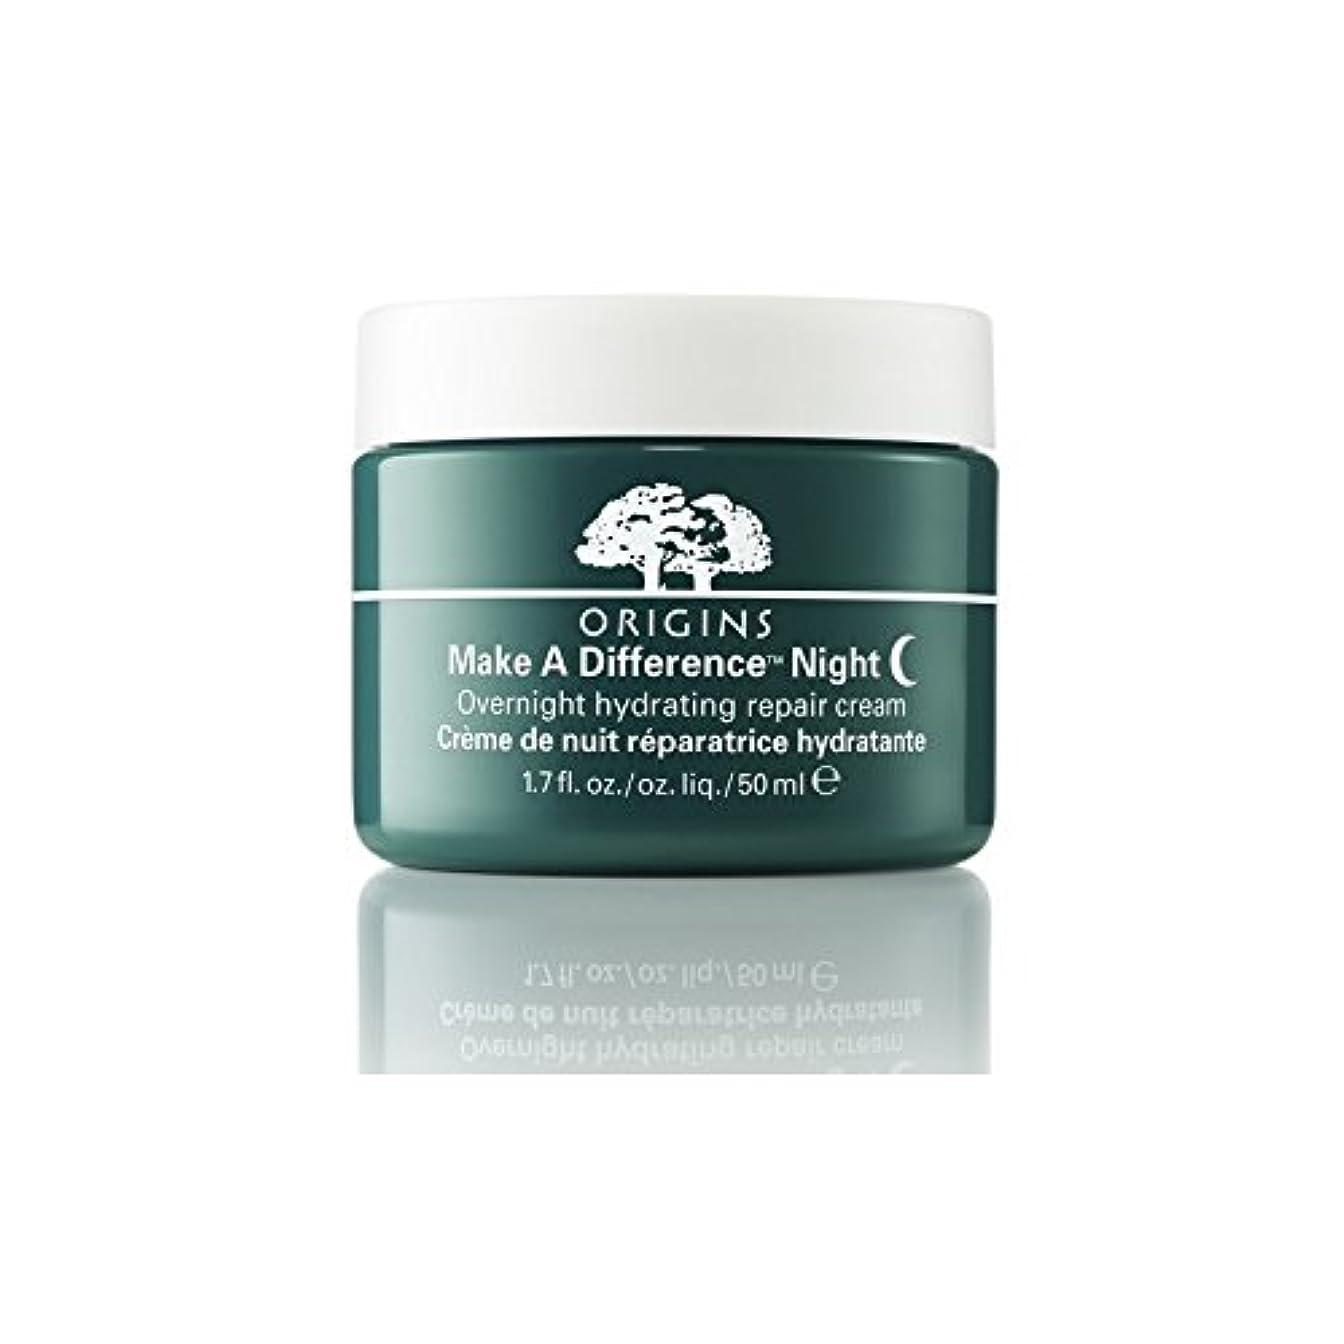 利用可能テープ提供されたOrigins Make A Difference Overnight Hydrating Repair Cream 50ml - 起源は違い、一晩水和リペアクリーム50ミリリットルを作ります [並行輸入品]